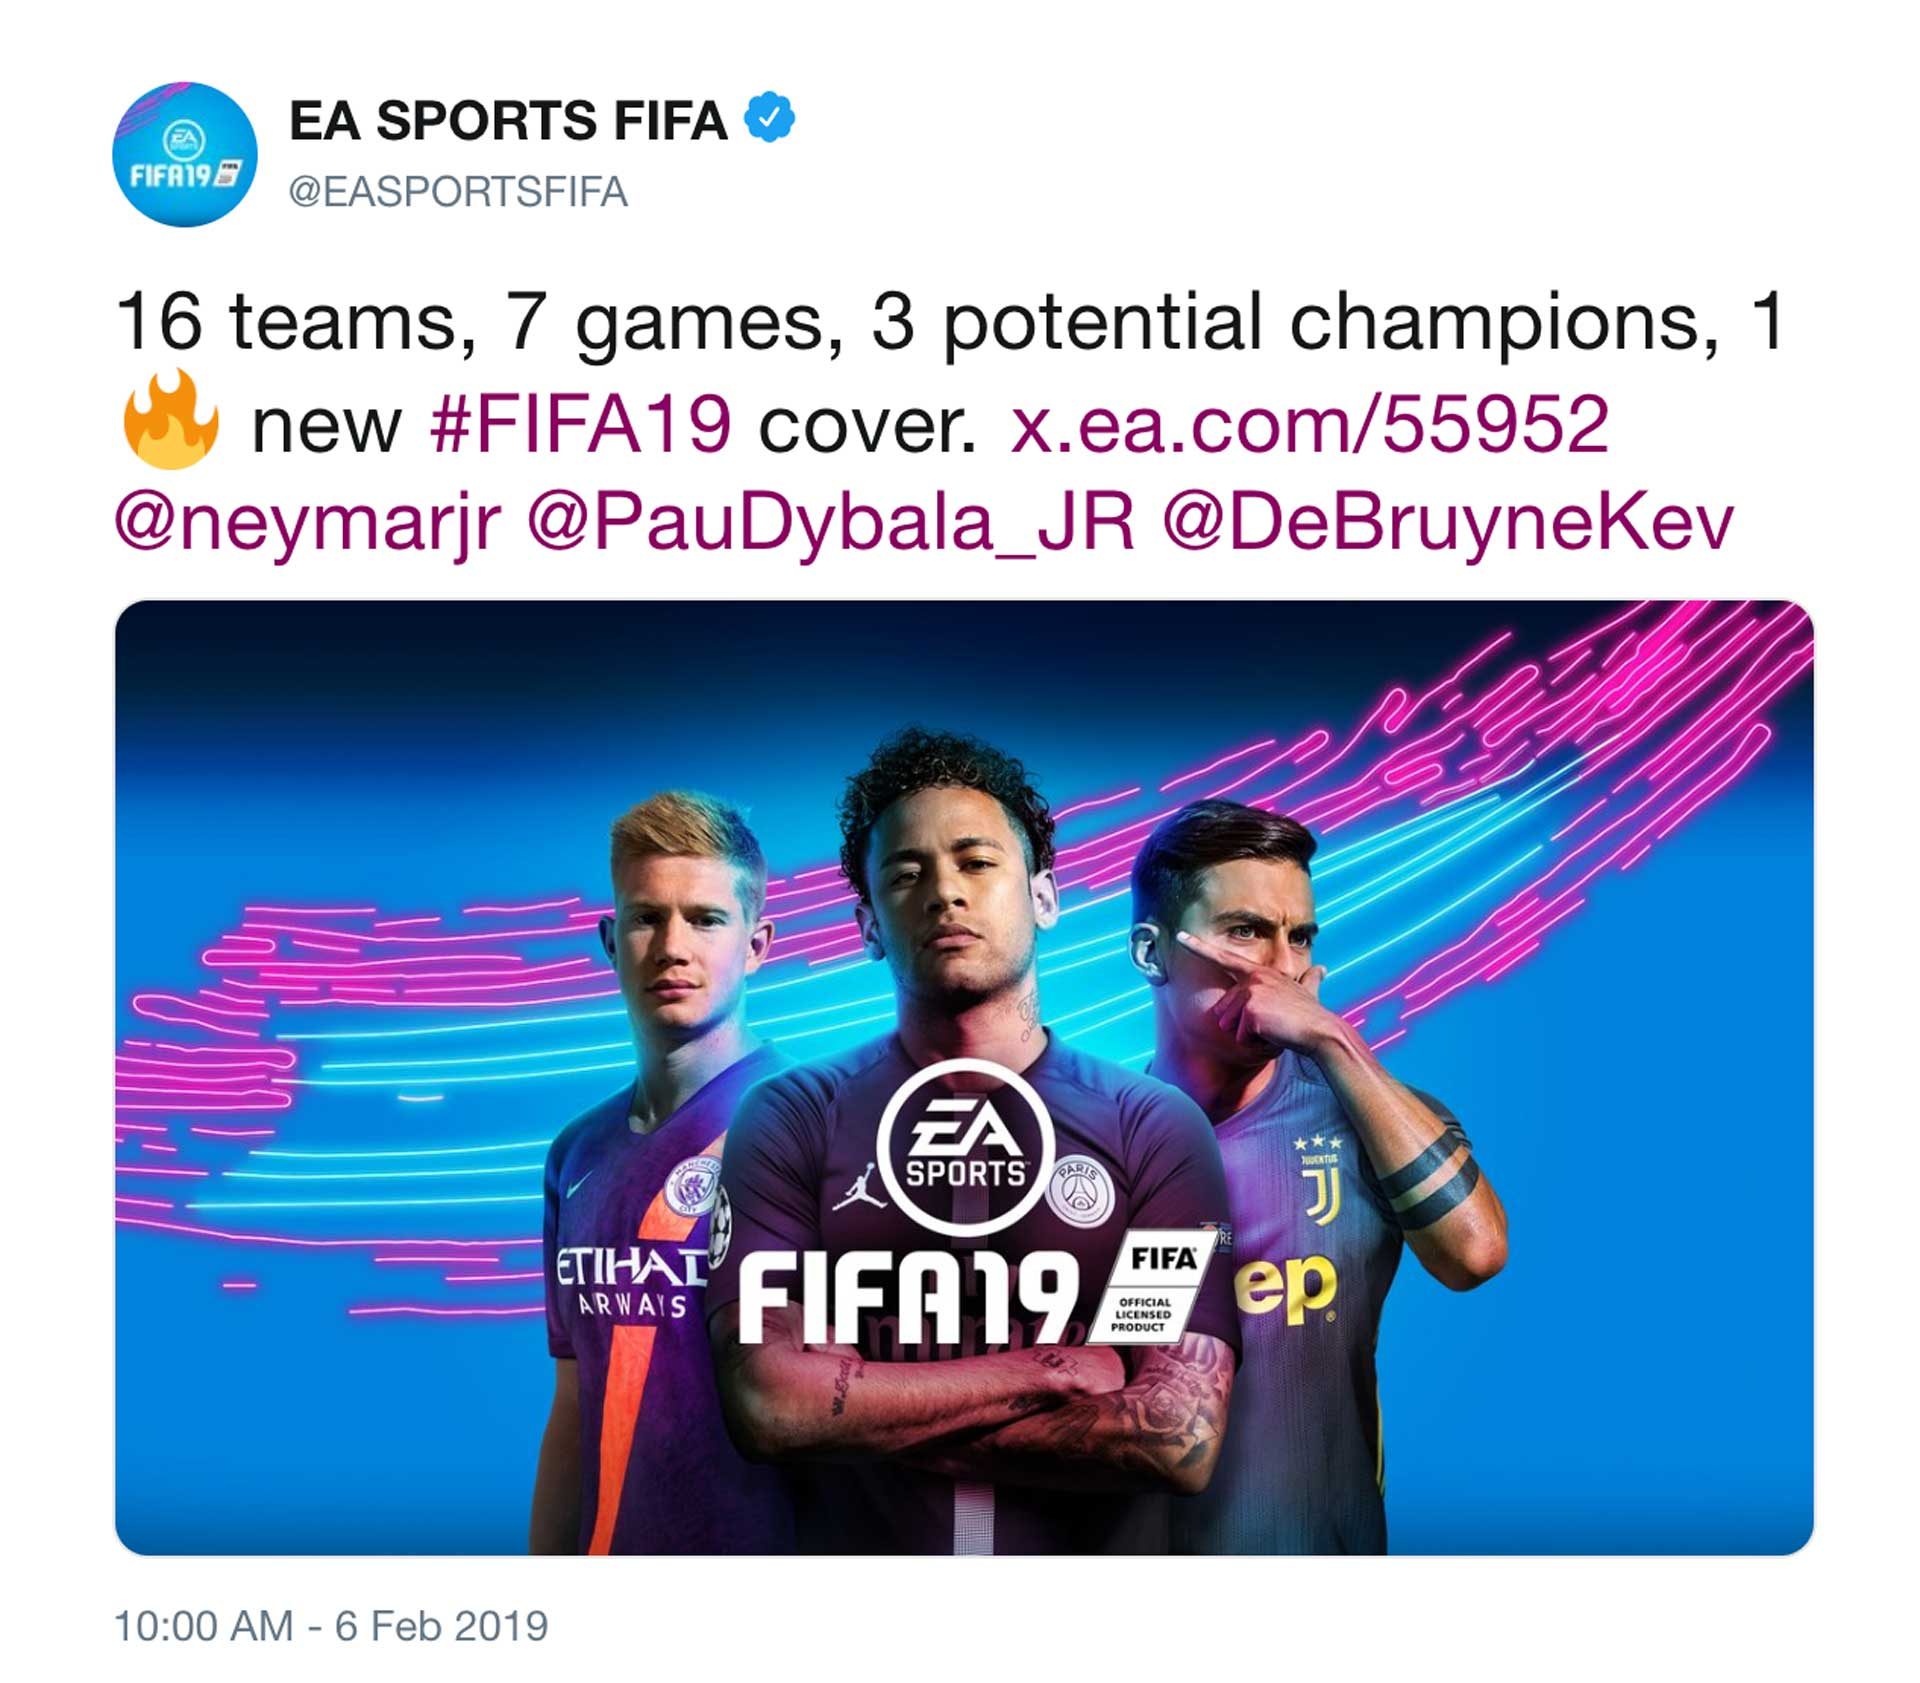 Fifa 19 cover tweet